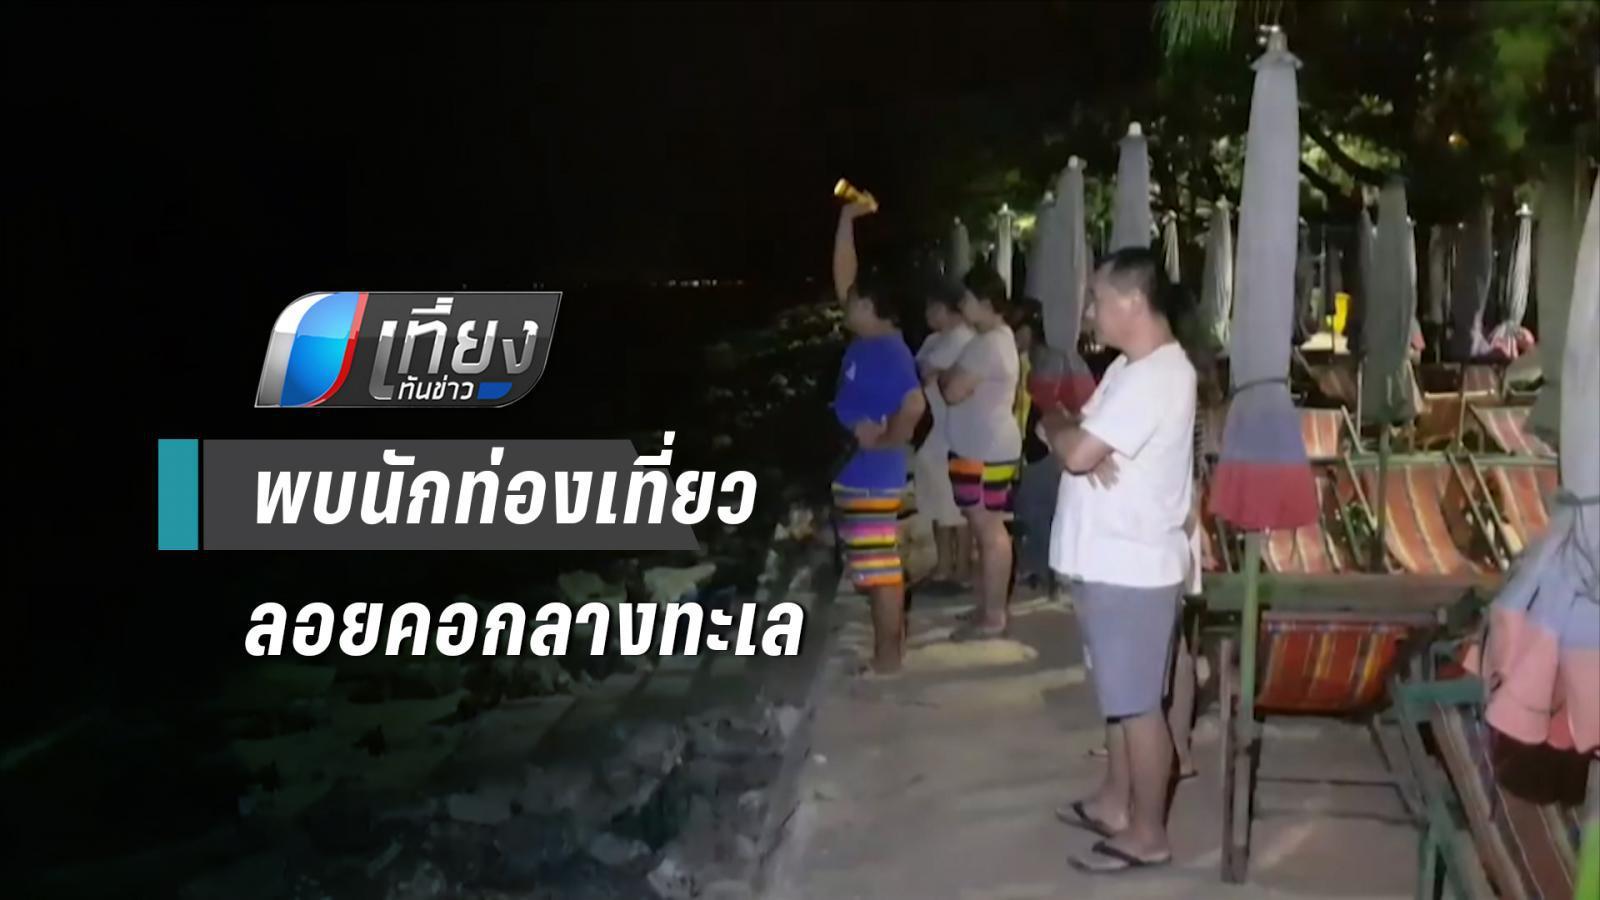 เพชรบุรี นักท่องเที่ยวแจ้งพบชาย 3 คนลอยคอกลางทะเล